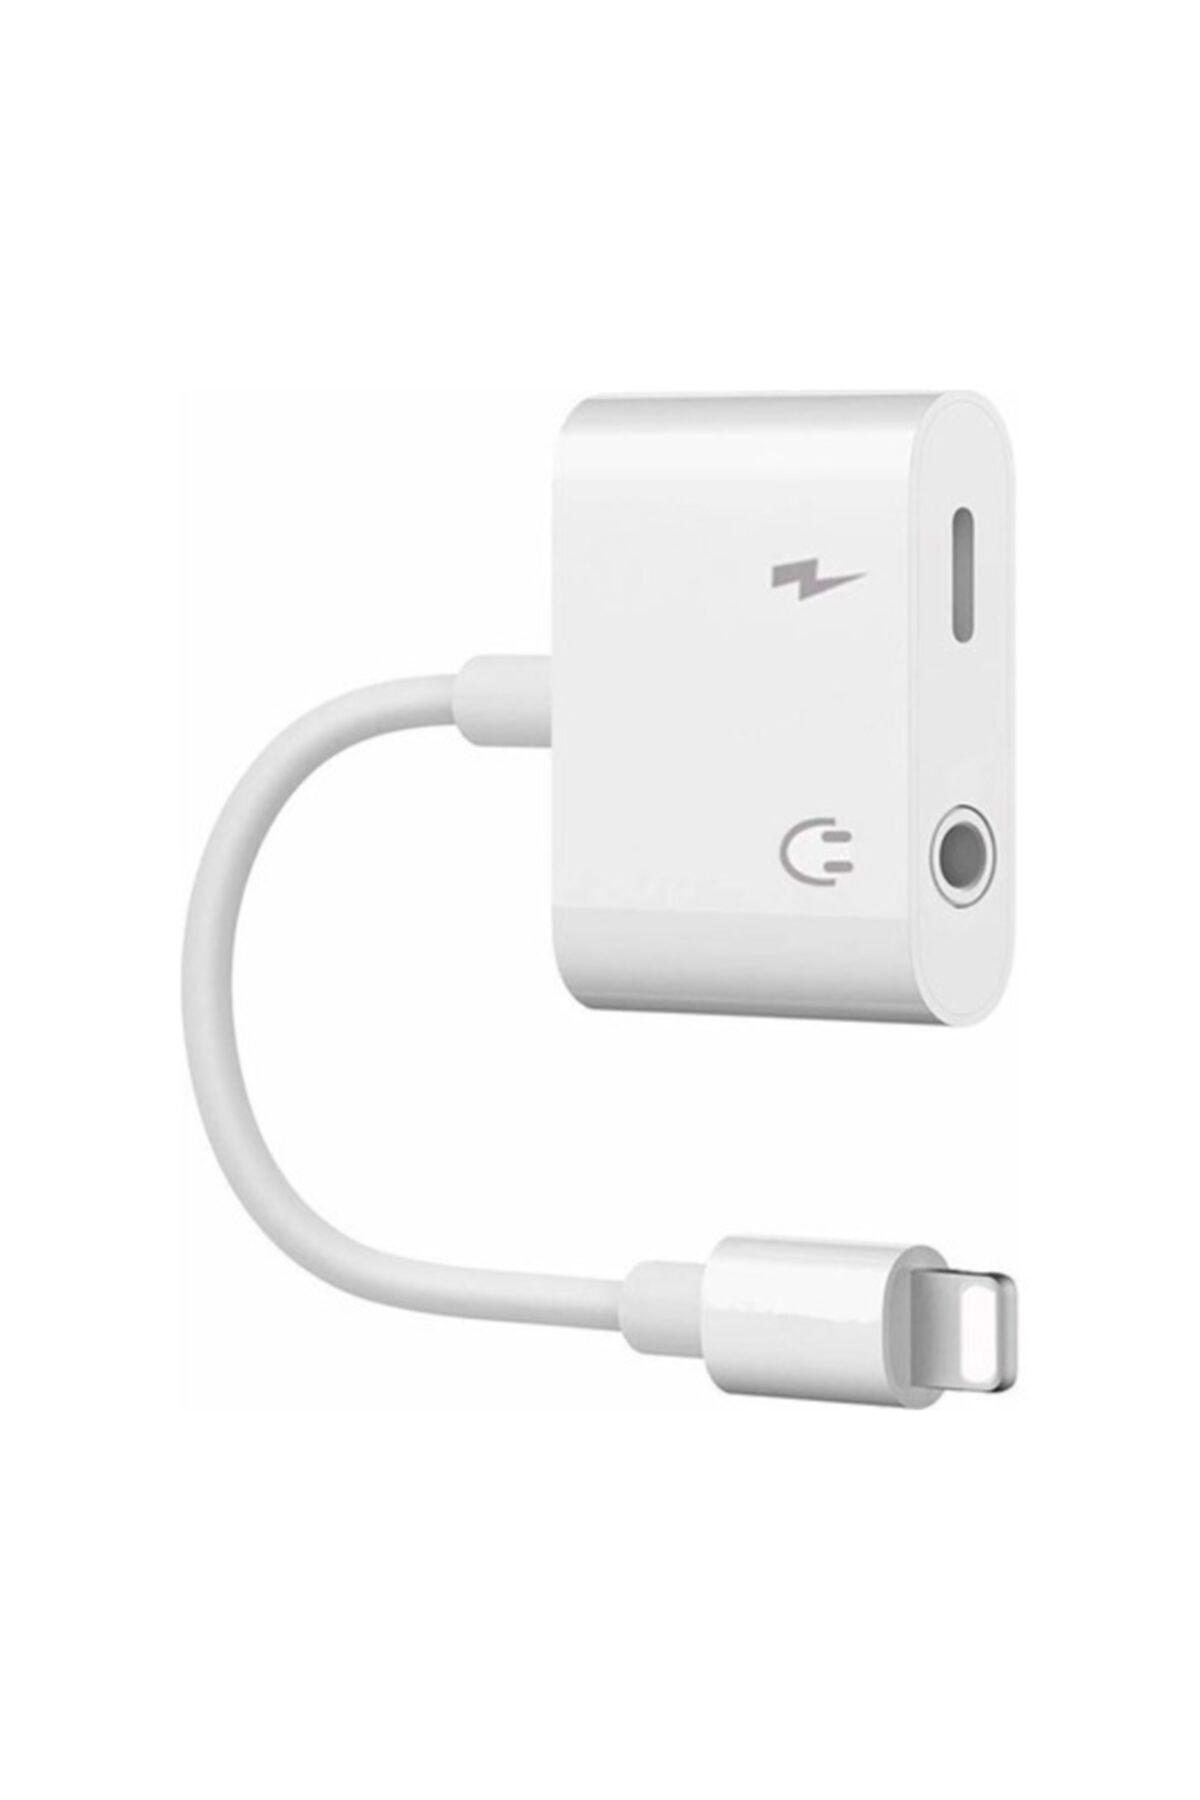 Kralphone Iphone Ipad Lightning Kulaklık Ve Şarj Çevirici Dönüştürücü Çoğaltıcı Kablo 6 7 8 X Xs Xs Ma 1